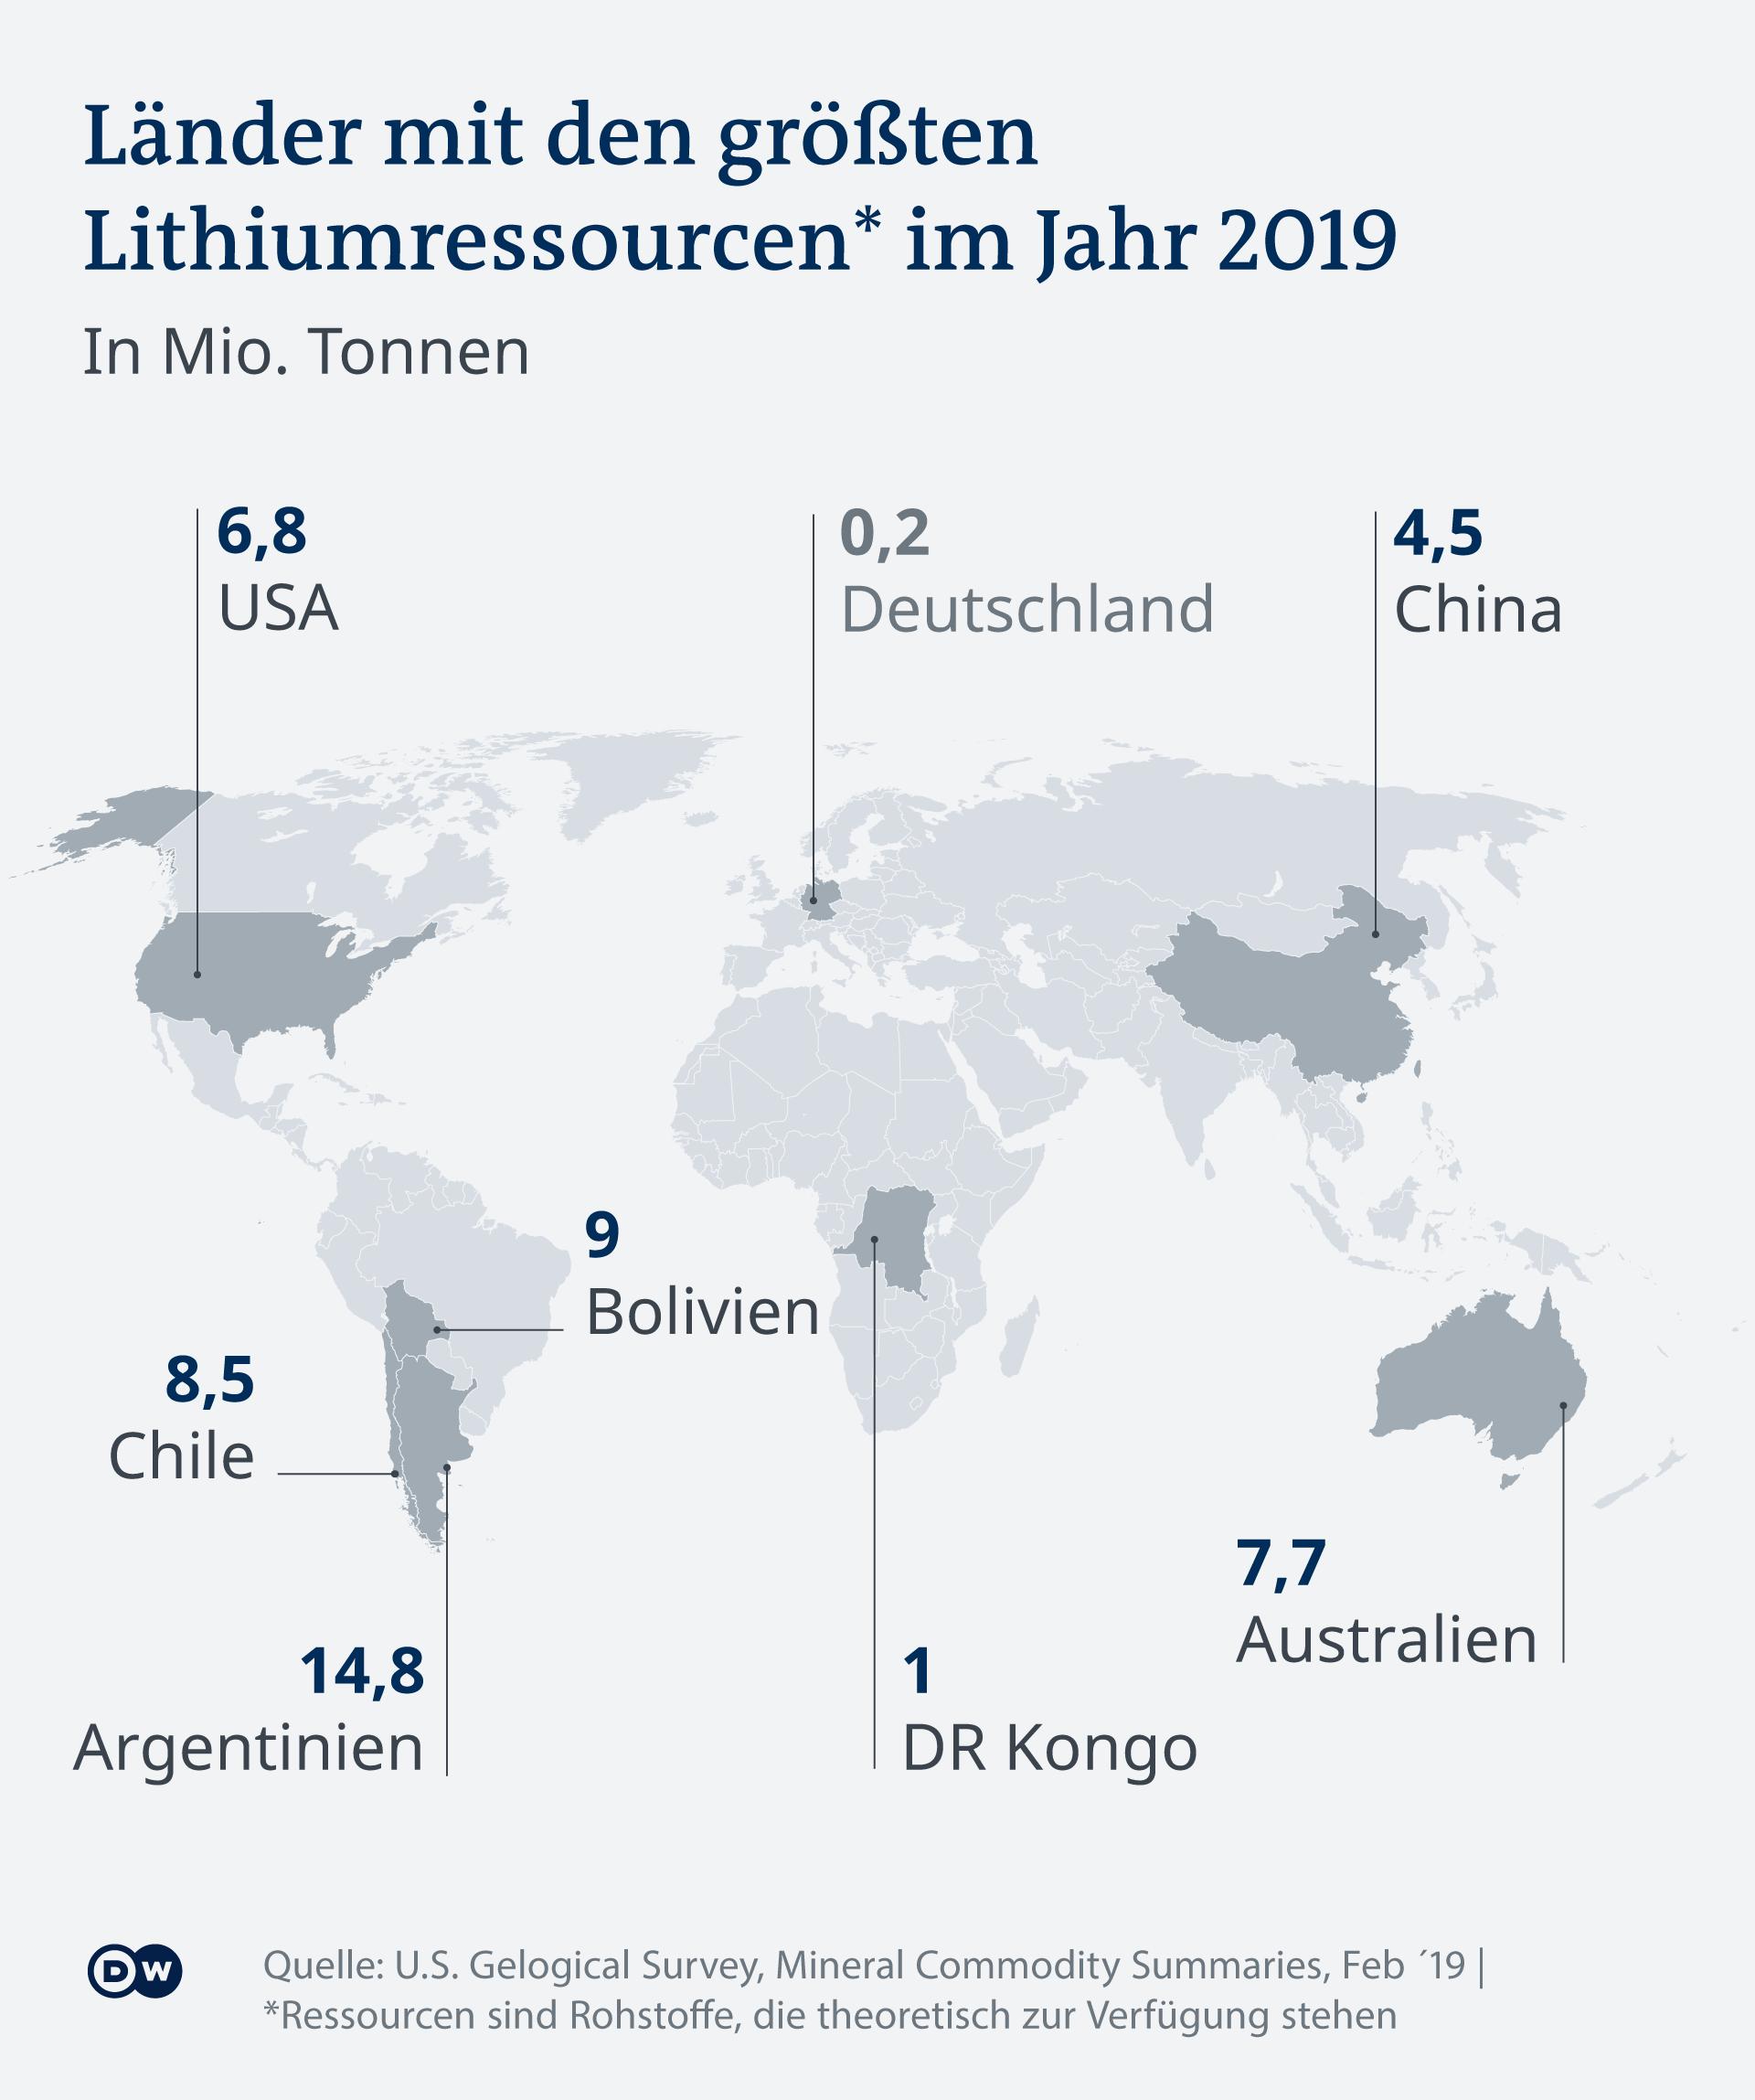 Infografik Länder mit den größten Lithiumressourcen 2019 DE